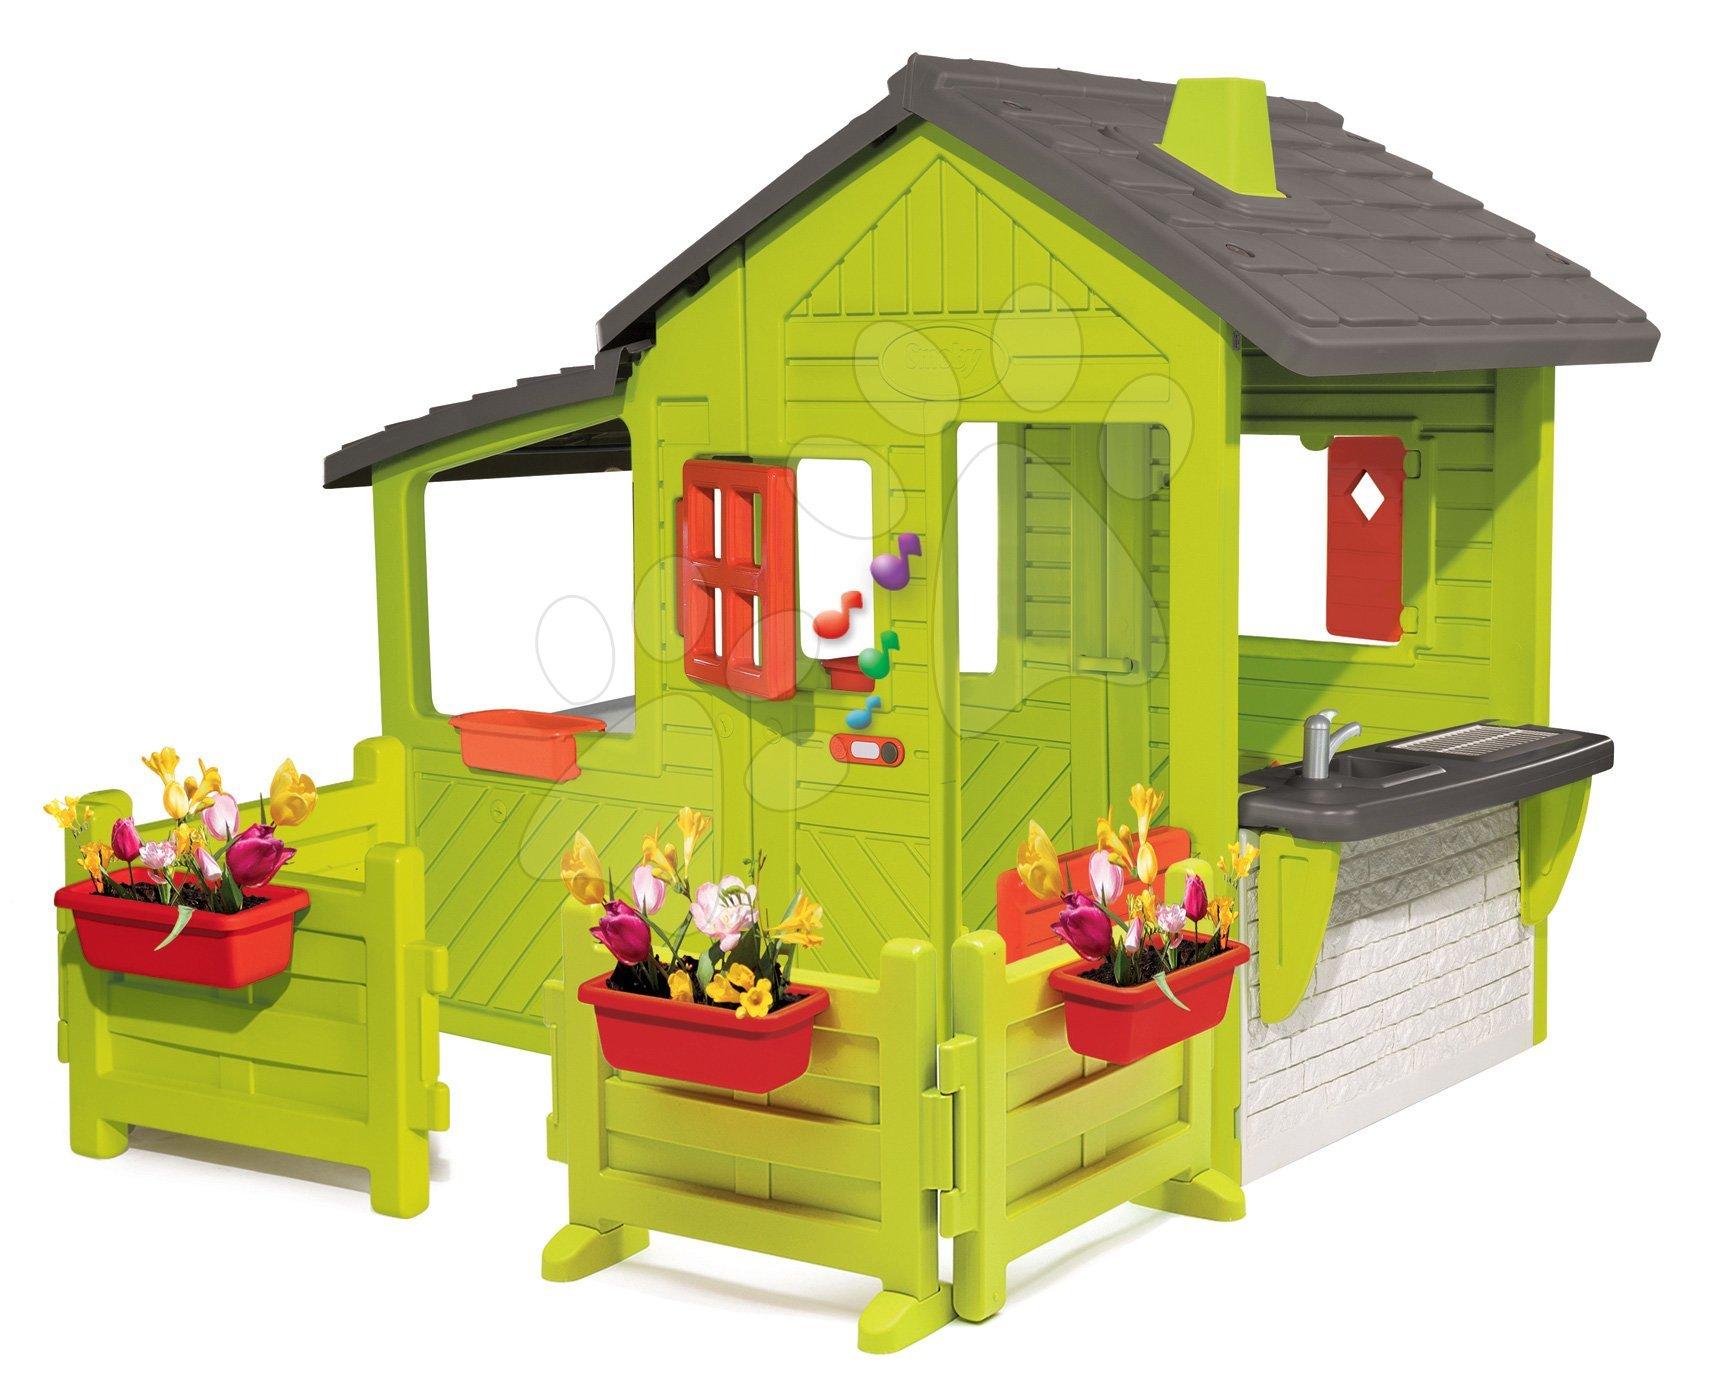 Domeček Zahradník Neo Floralie Smoby se zvonkem, komínem a dvěma zahrádkami